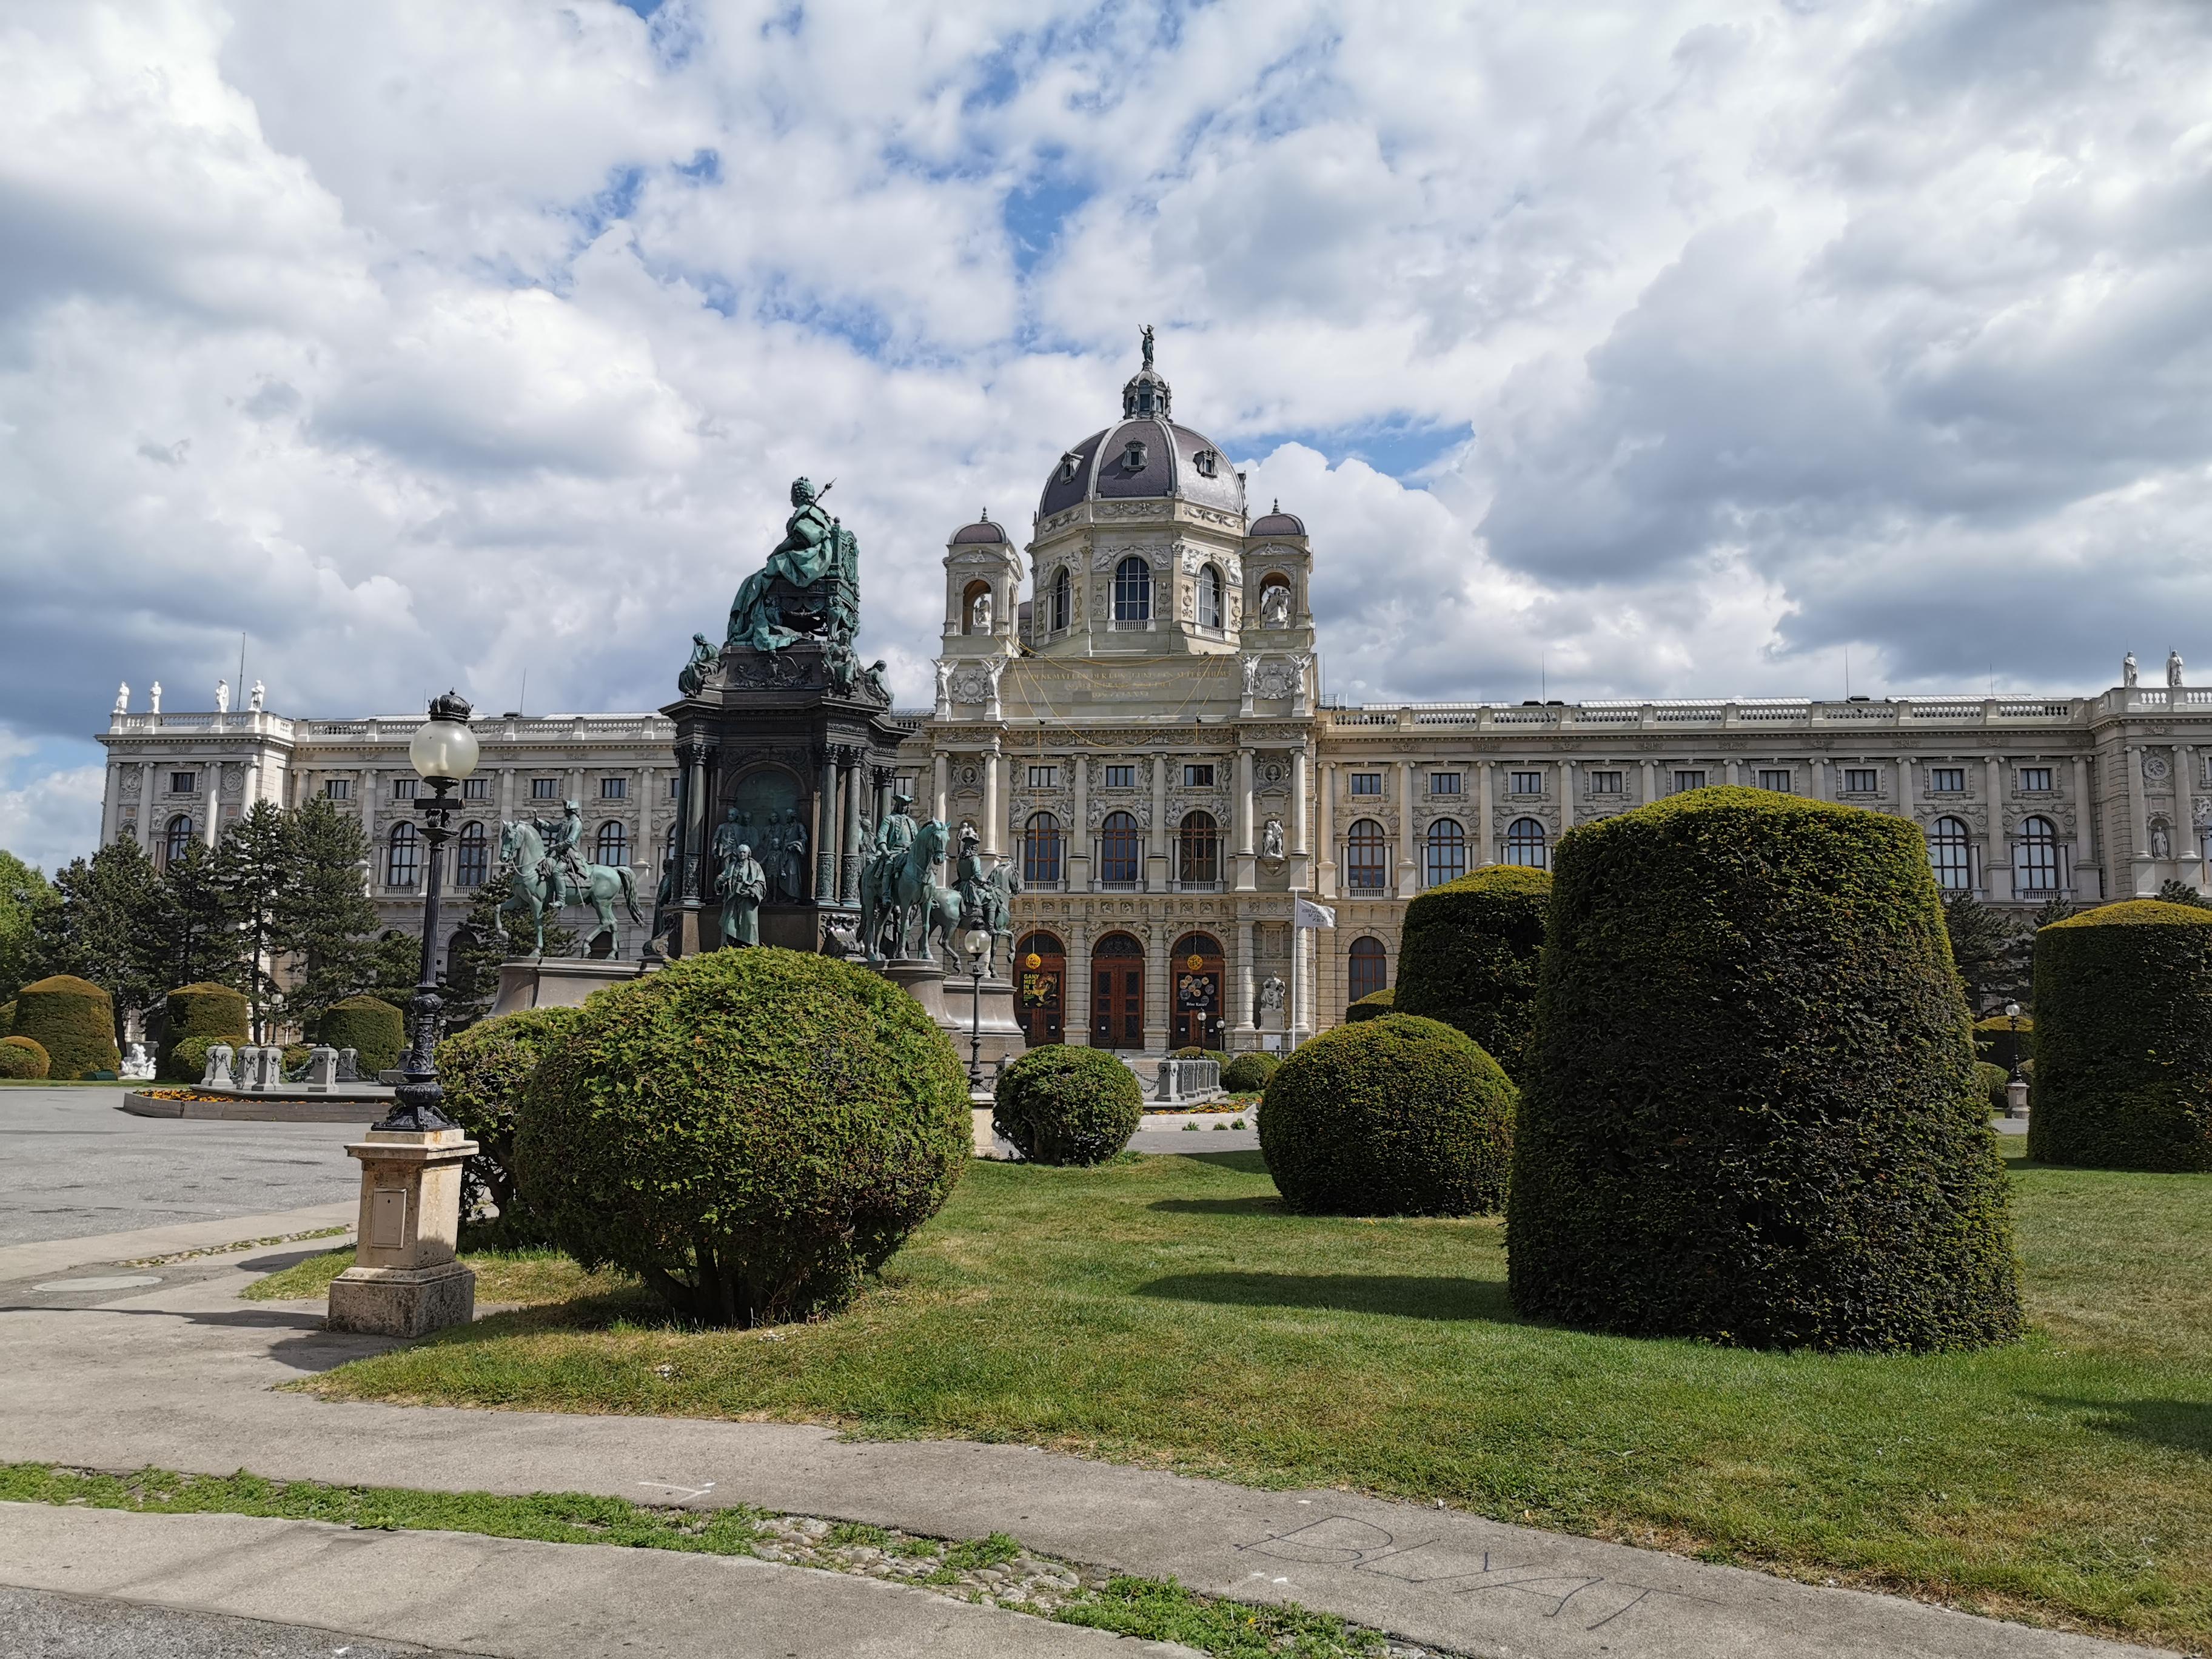 Plac Marii Teresy (matki Józefa II) i gmach Muzeum Historii Sztuki w Wiedniu, którego budowę zlecił Franciszek Józef I, źródło: WikiCommons